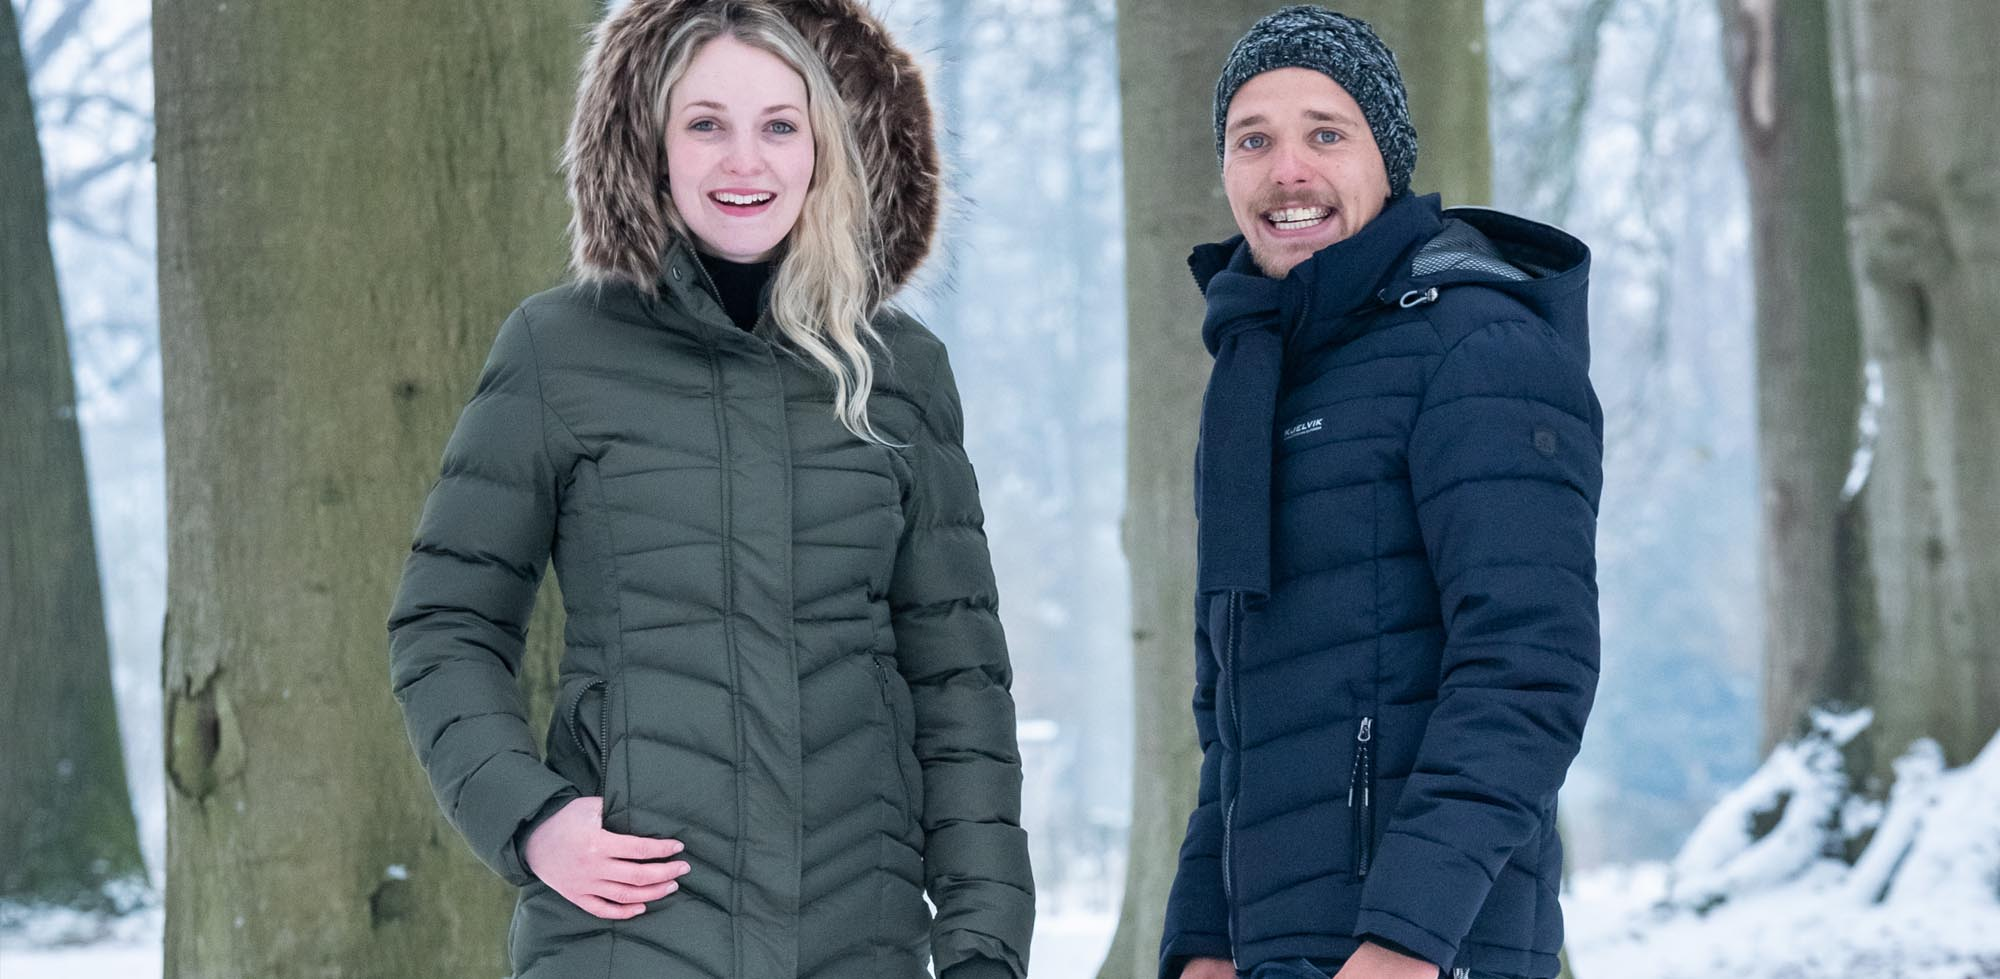 Kjelvik jas kopen?   BESLIST.nl   Nieuwe collectie 2020